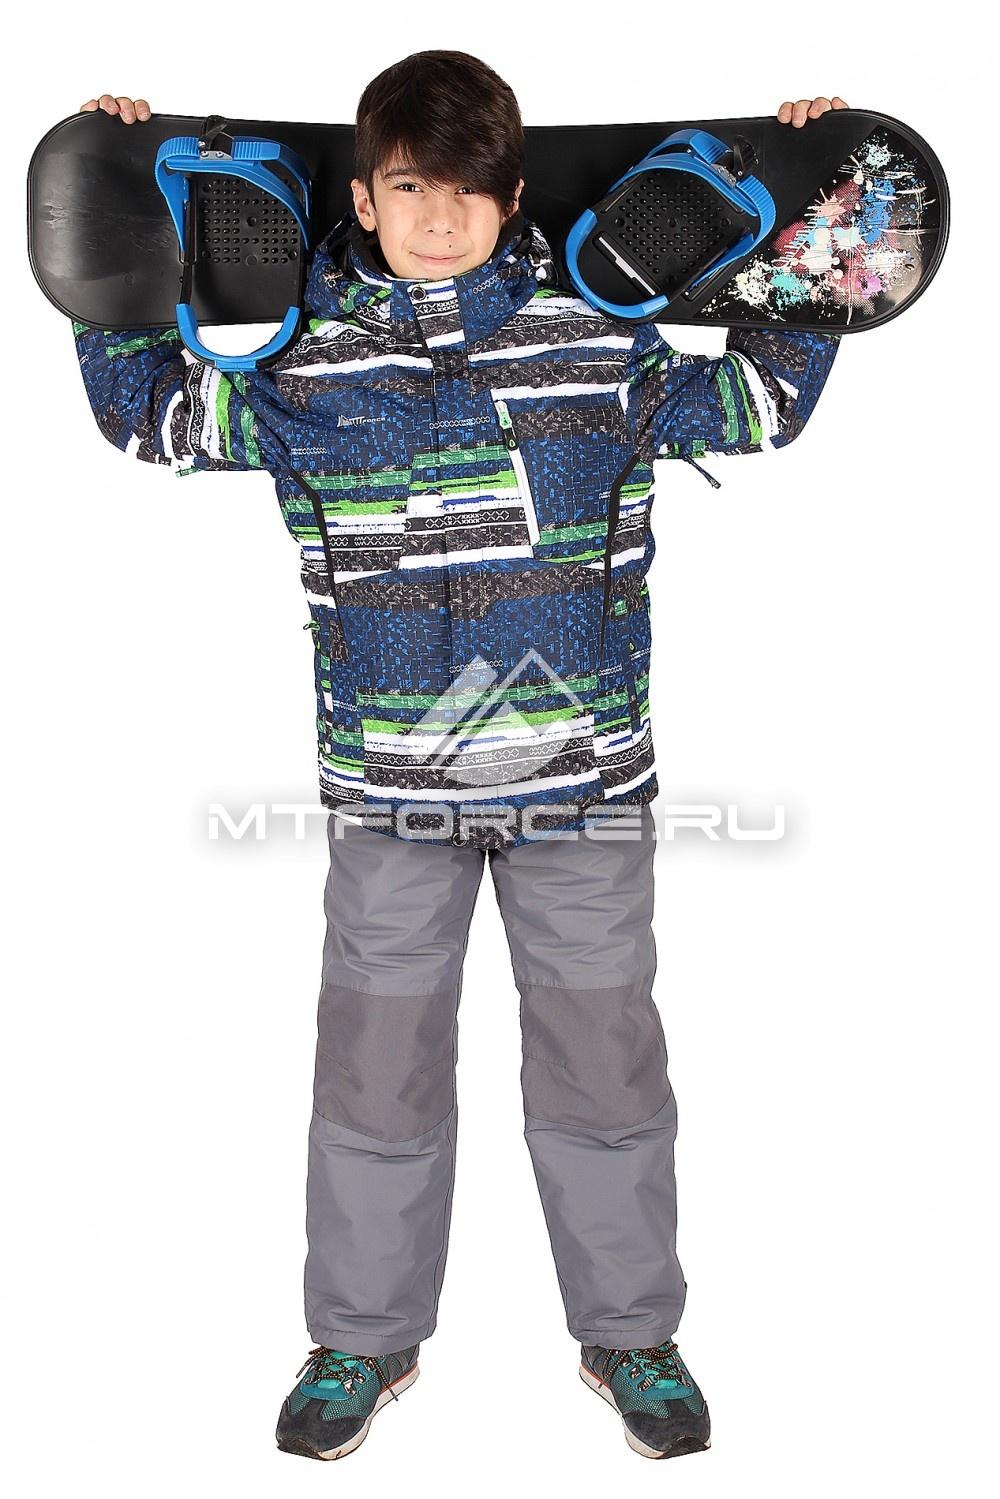 Купить                                  оптом Костюм горнолыжный  для мальчика синего цвета 422S